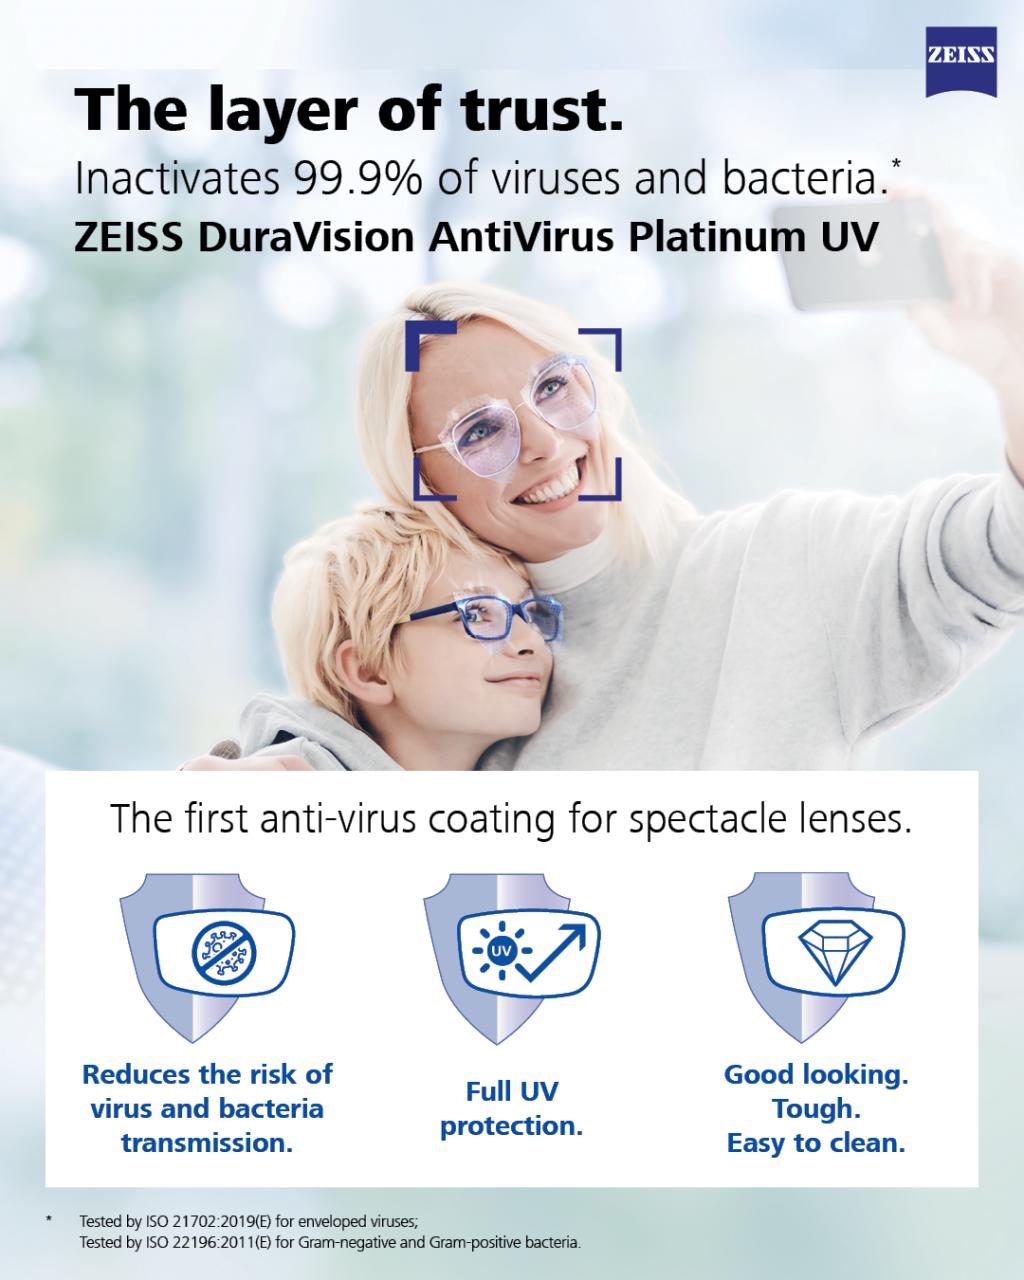 Zeiss Duravision AntiVirus Platinum UV